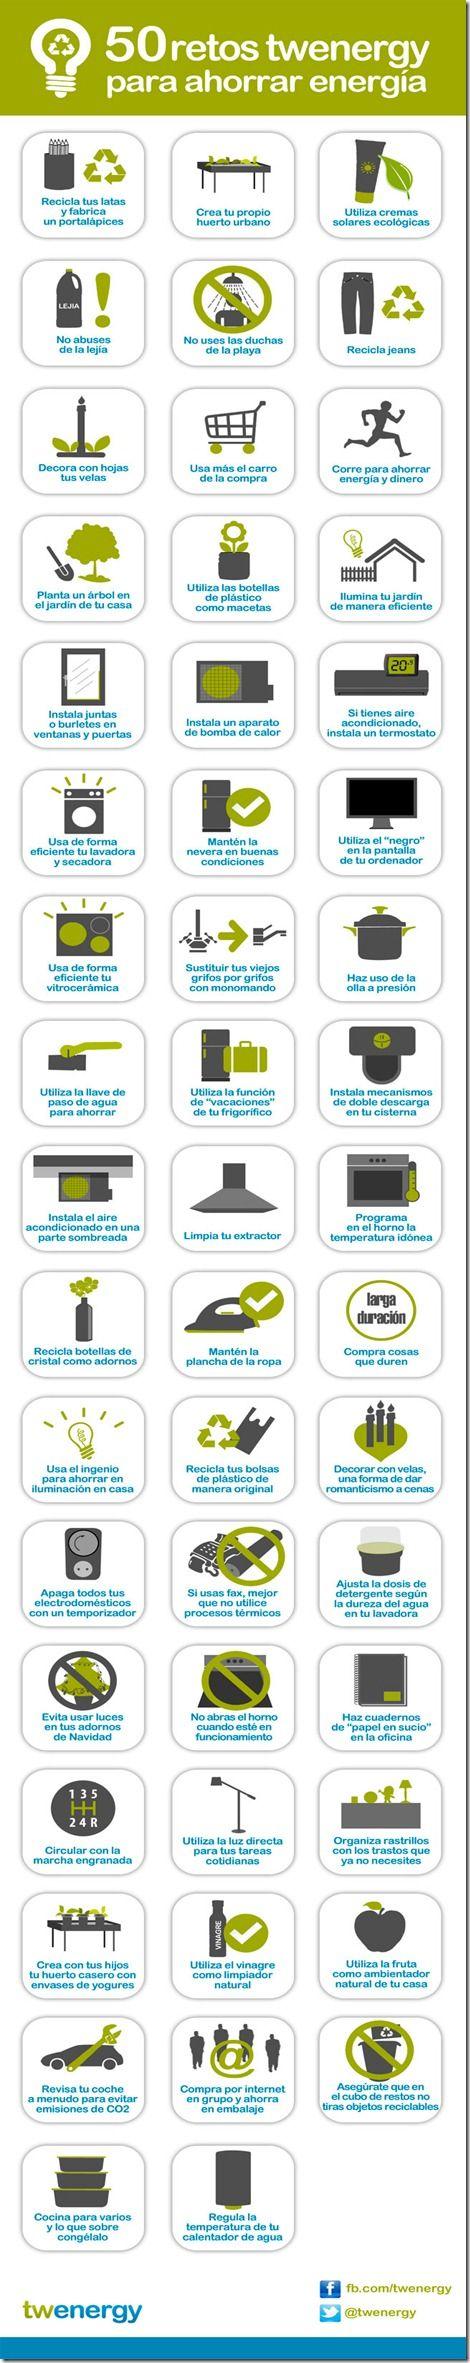 vida saludable sostenibilidad reciclaje medio ambiente renovables destacados  Infografía: 50 retos para ahorra energía